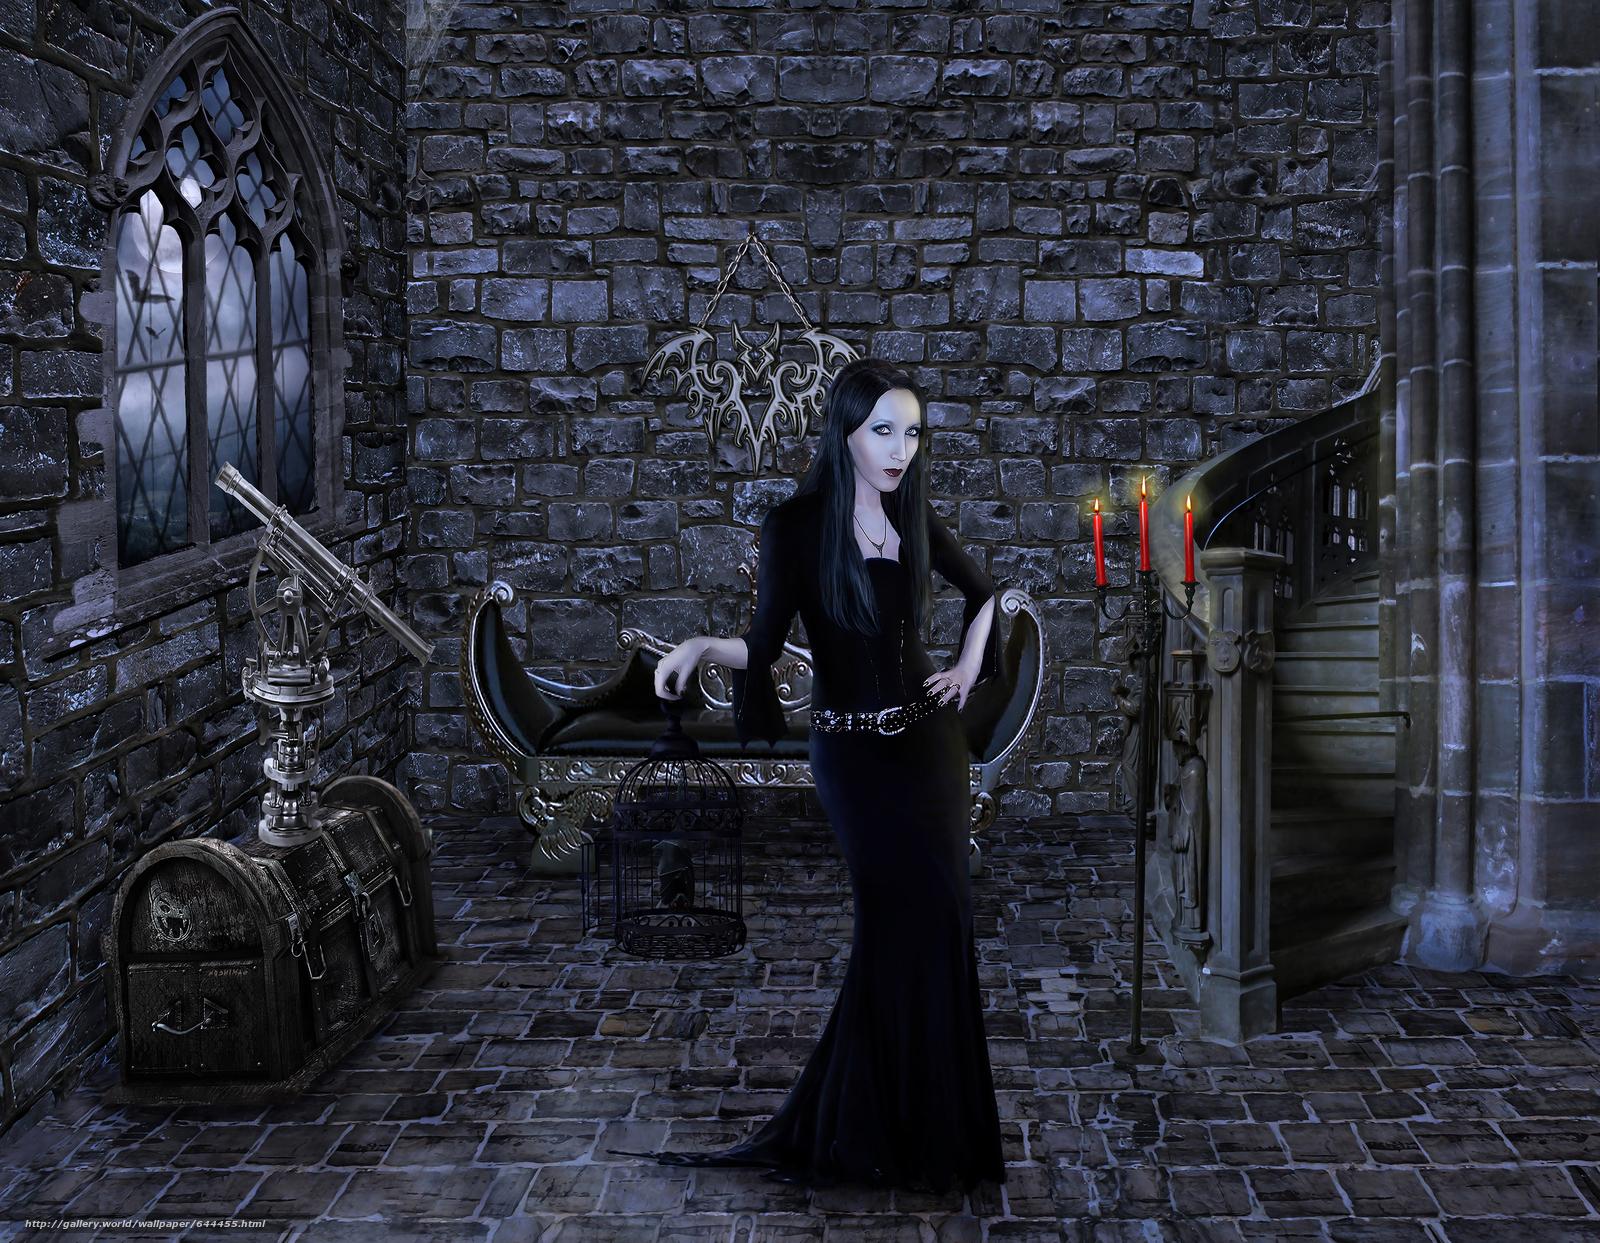 Download Hintergrund Schloss,  Zimmer,  Mädchen Freie desktop Tapeten in der Auflosung 3000x2330 — bild №644455